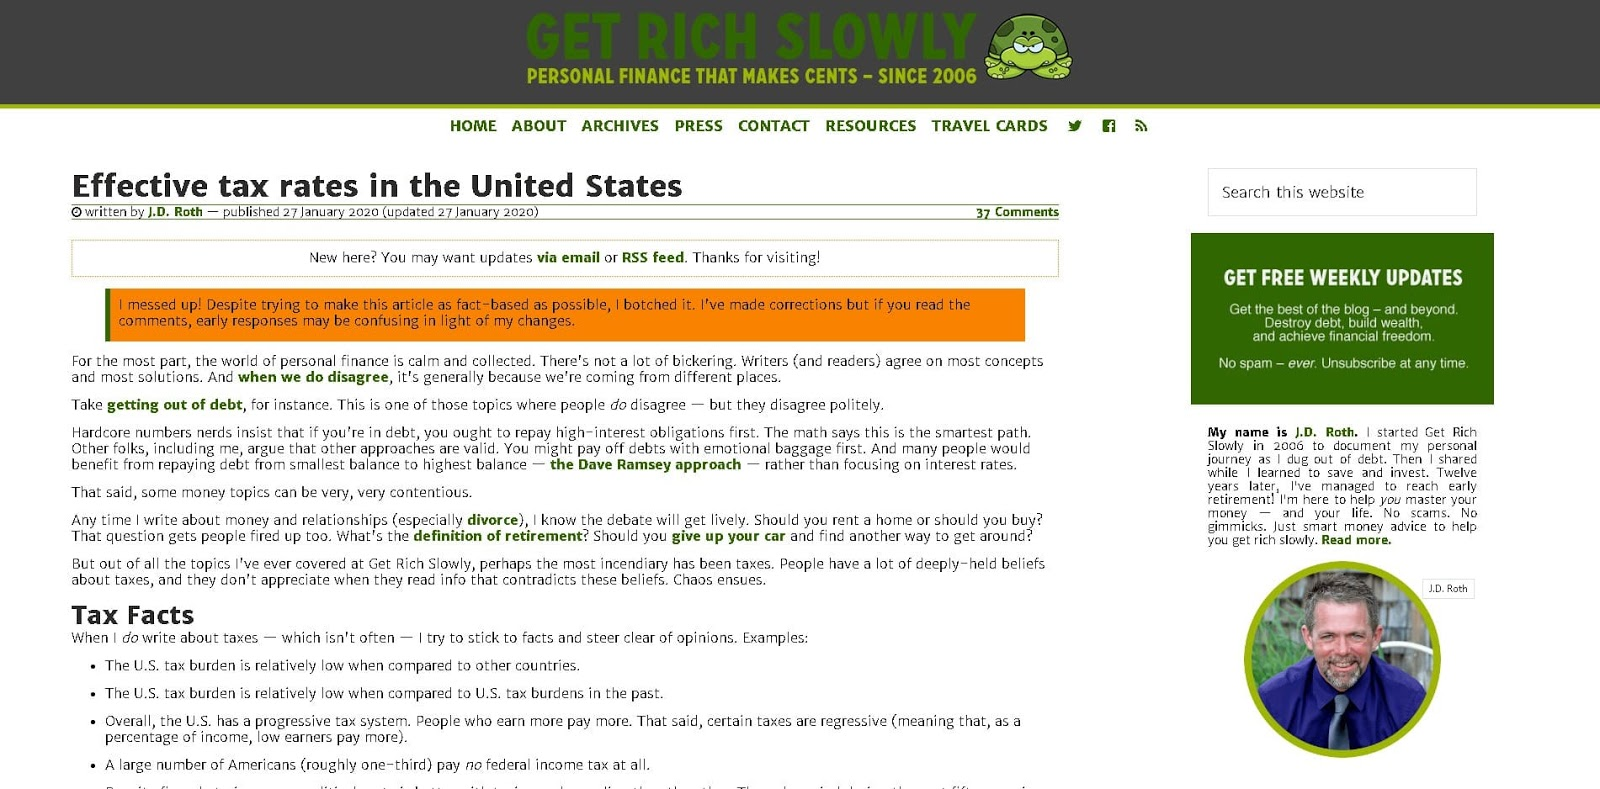 primer-nishi-dlya-bloga--get-rich-slowlyblog-niche-personal-finance